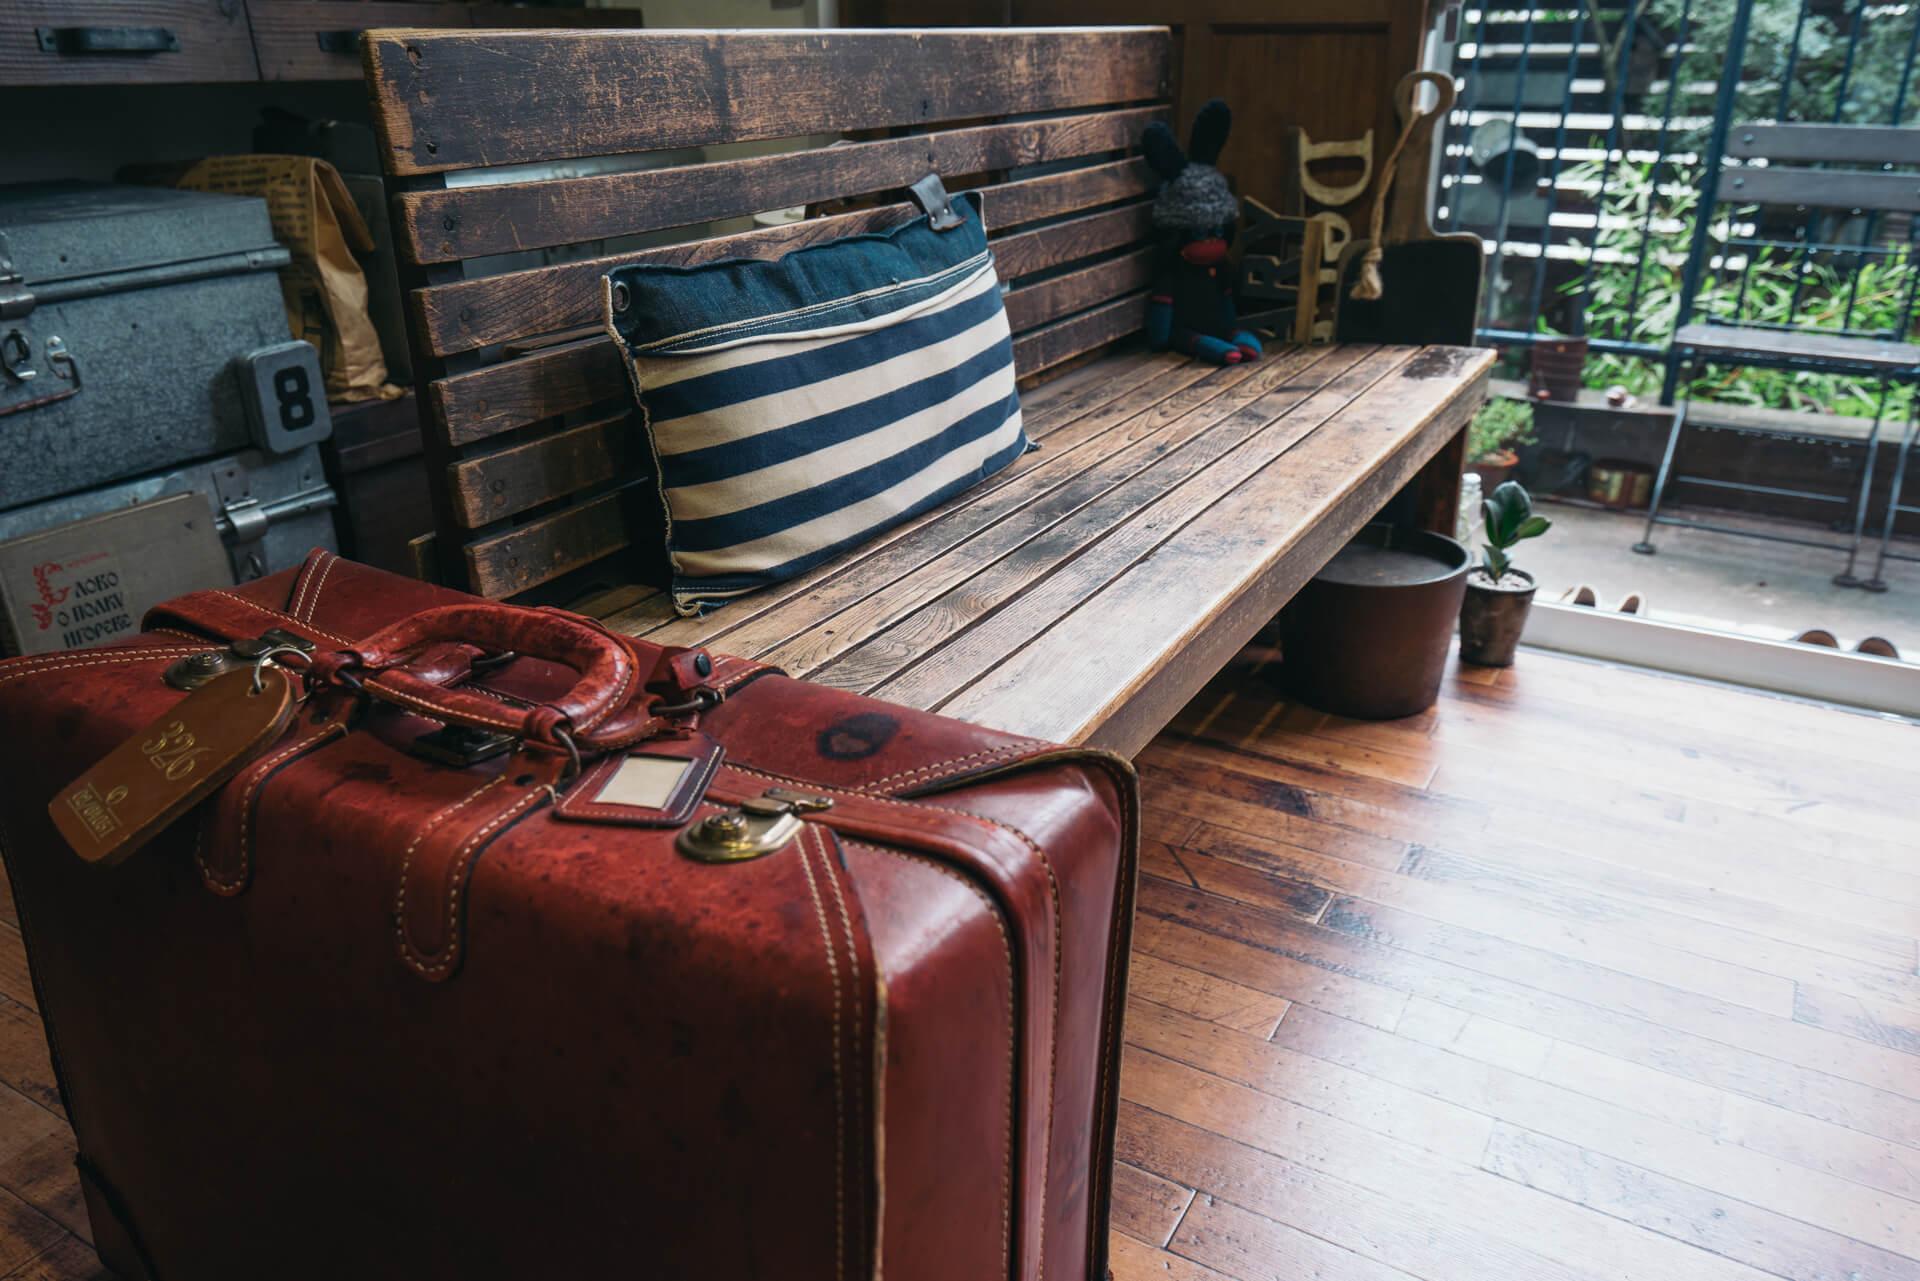 「ソファーは置きません。収納家具も、動かしやすい小ぶりなものが好き。いつも一人で模様替えして楽しんでいます。」